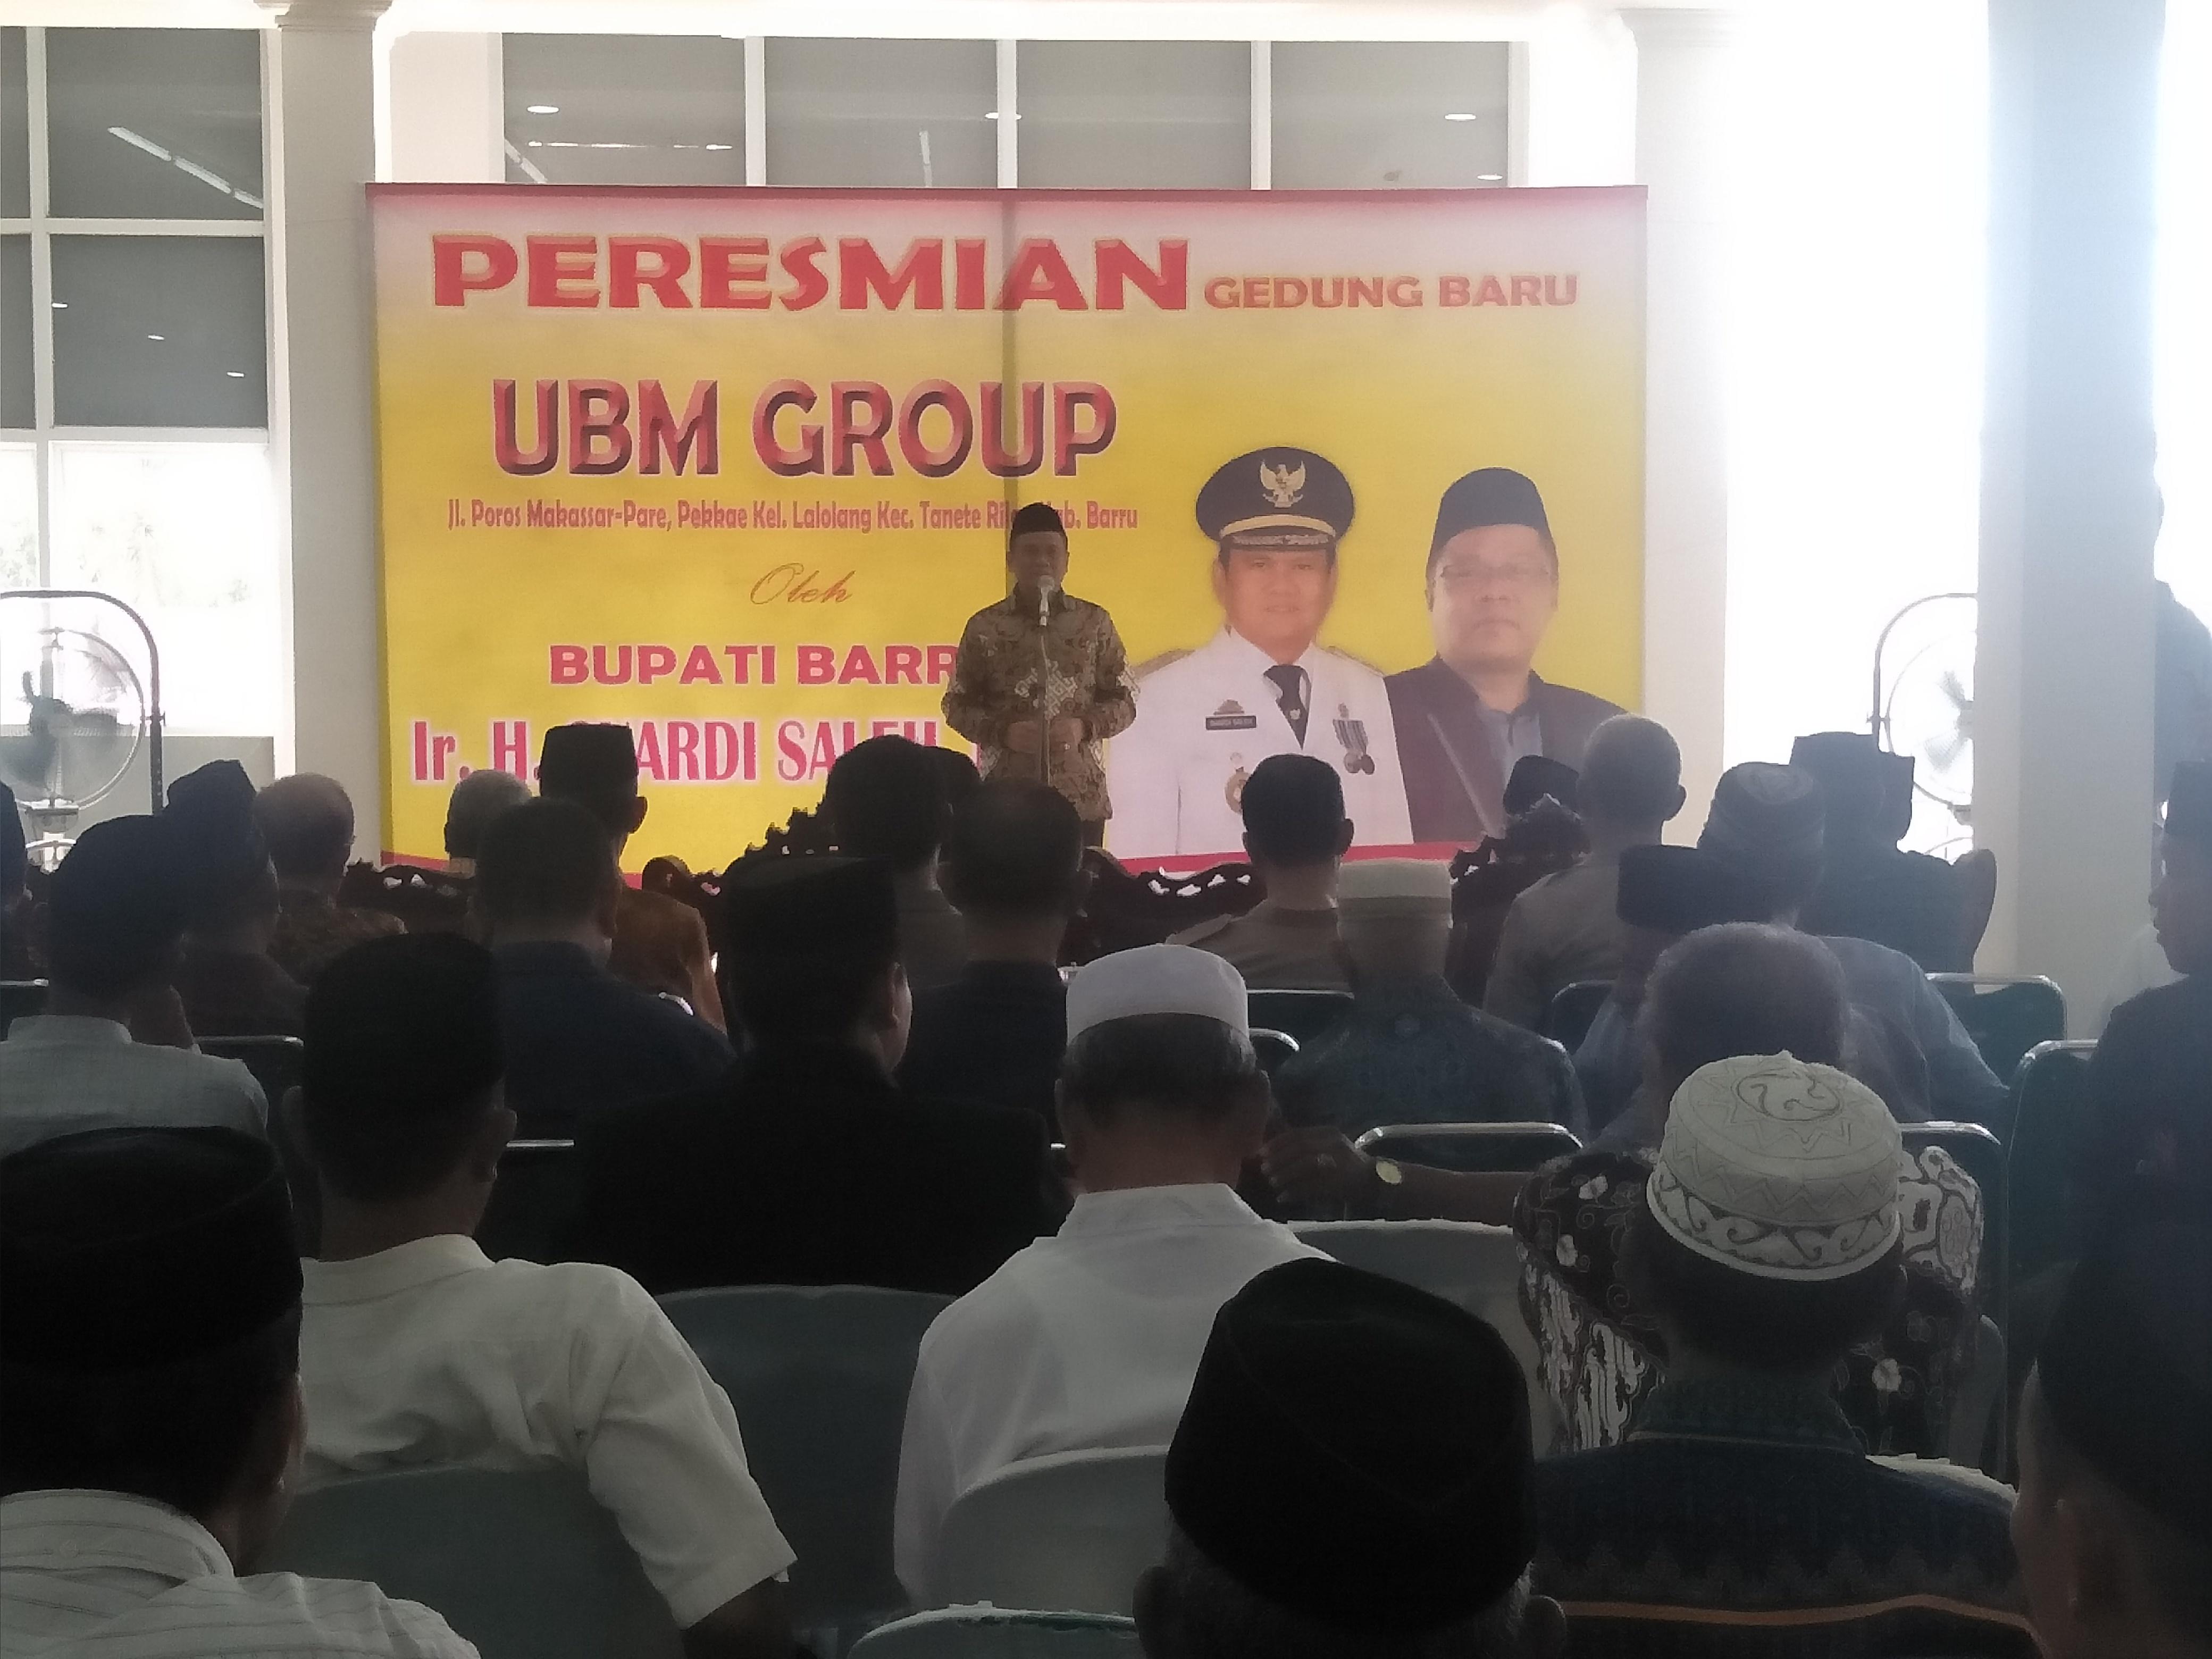 Bupati Suardi Saleh Resmikan Gedung Barru UBM Group, Ribuan Orang Hadir